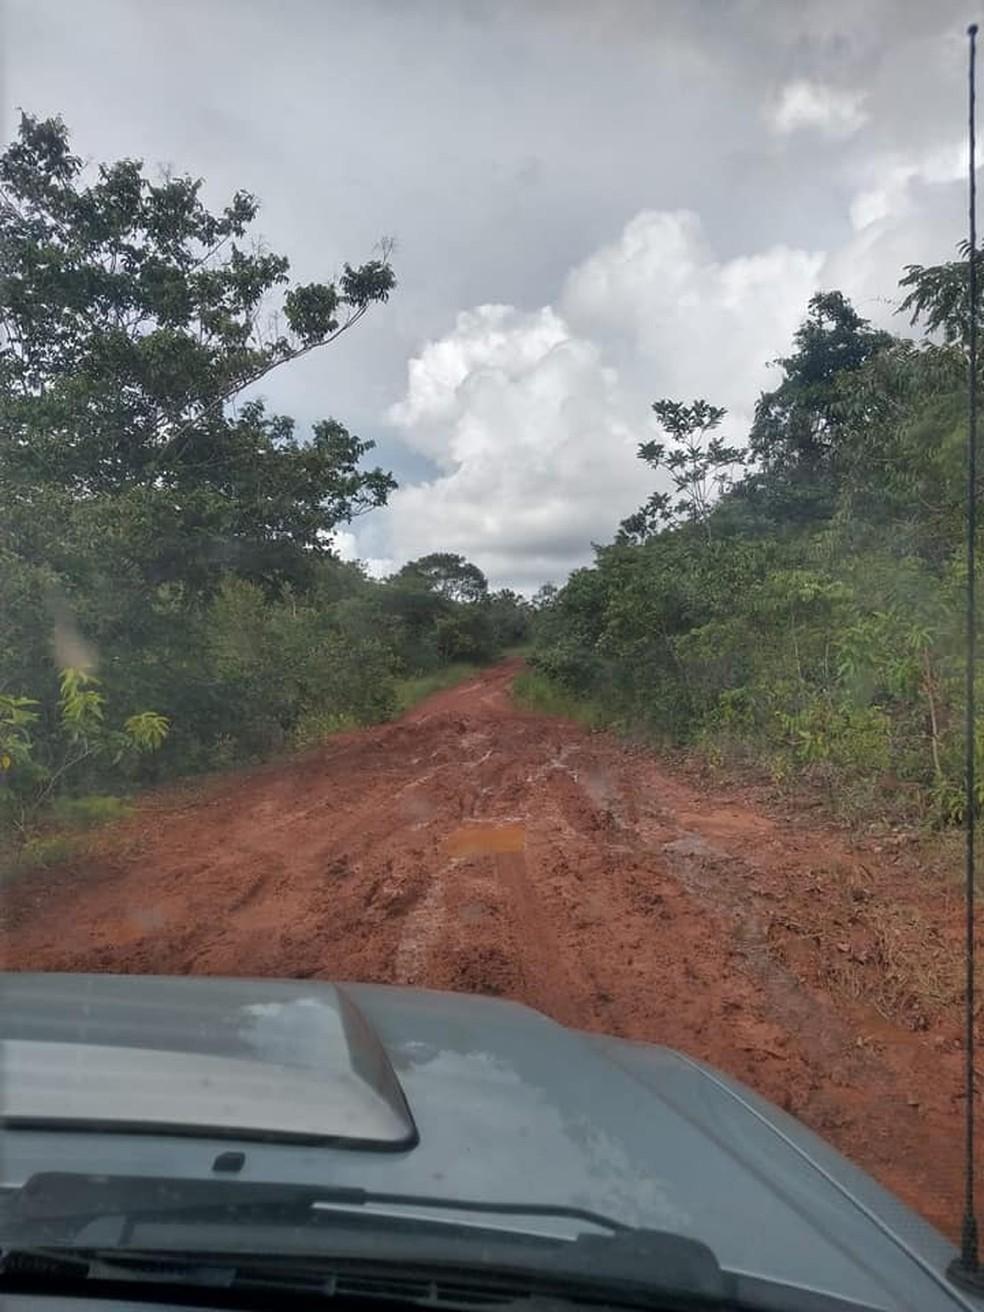 Chuva também provocou atoleiros, segundo o prefeito. — Foto: Reprodução